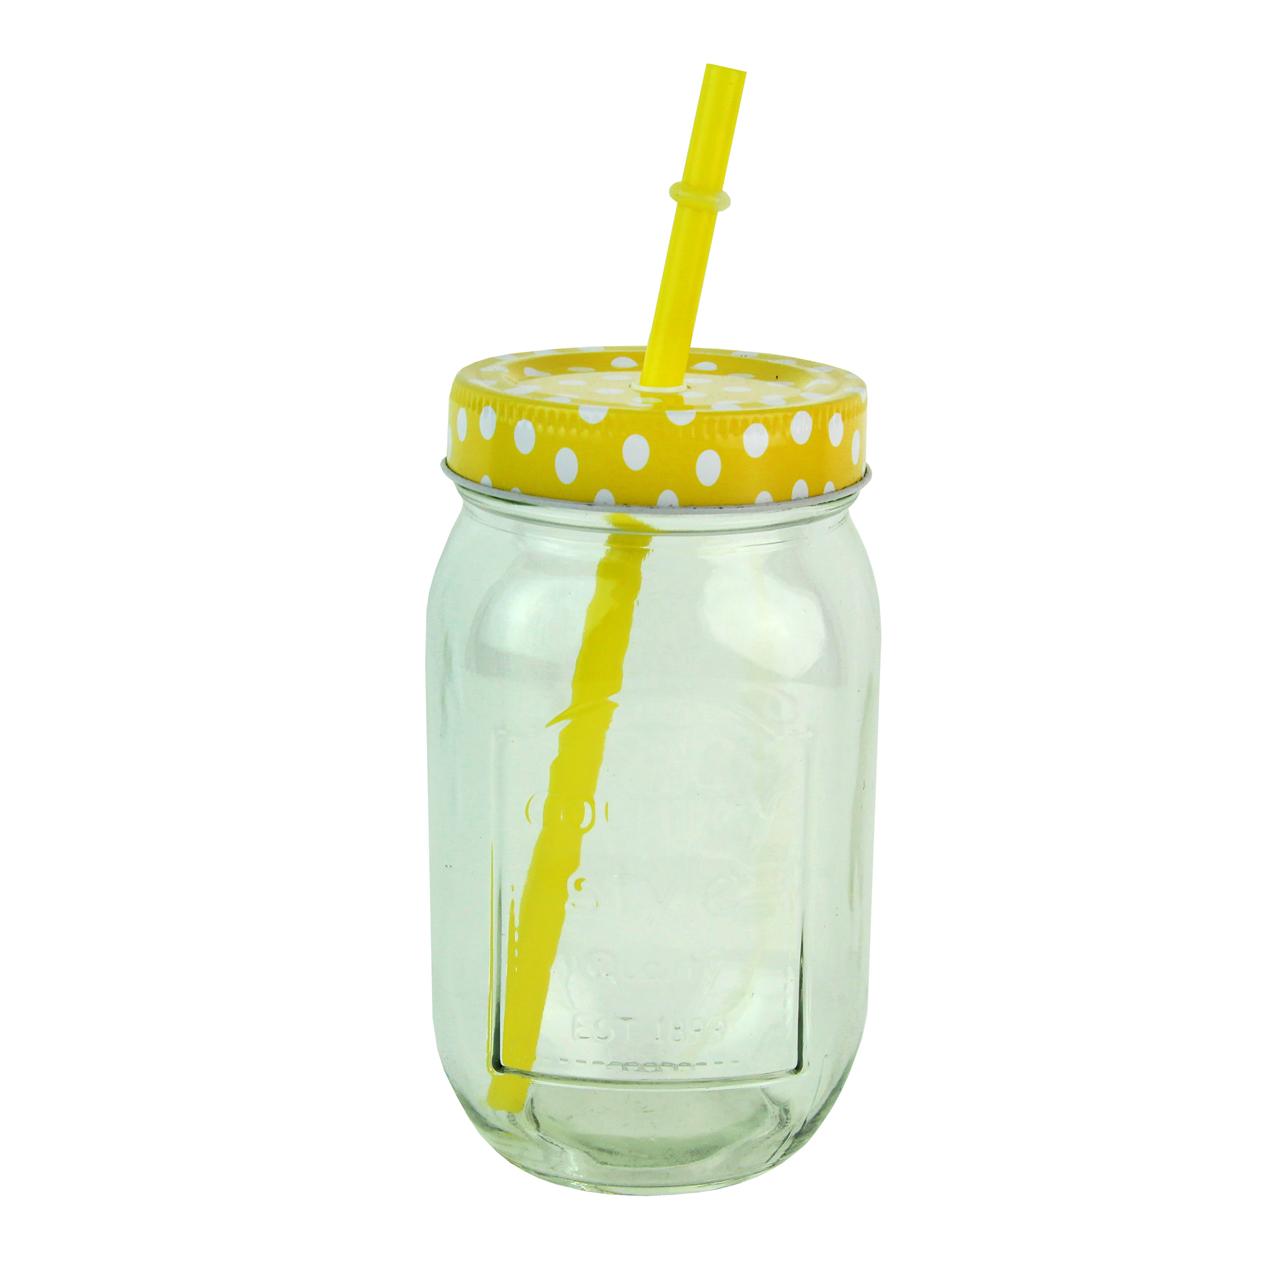 Pahar Pentru Limonada Cu Capac Galben 14 Cm